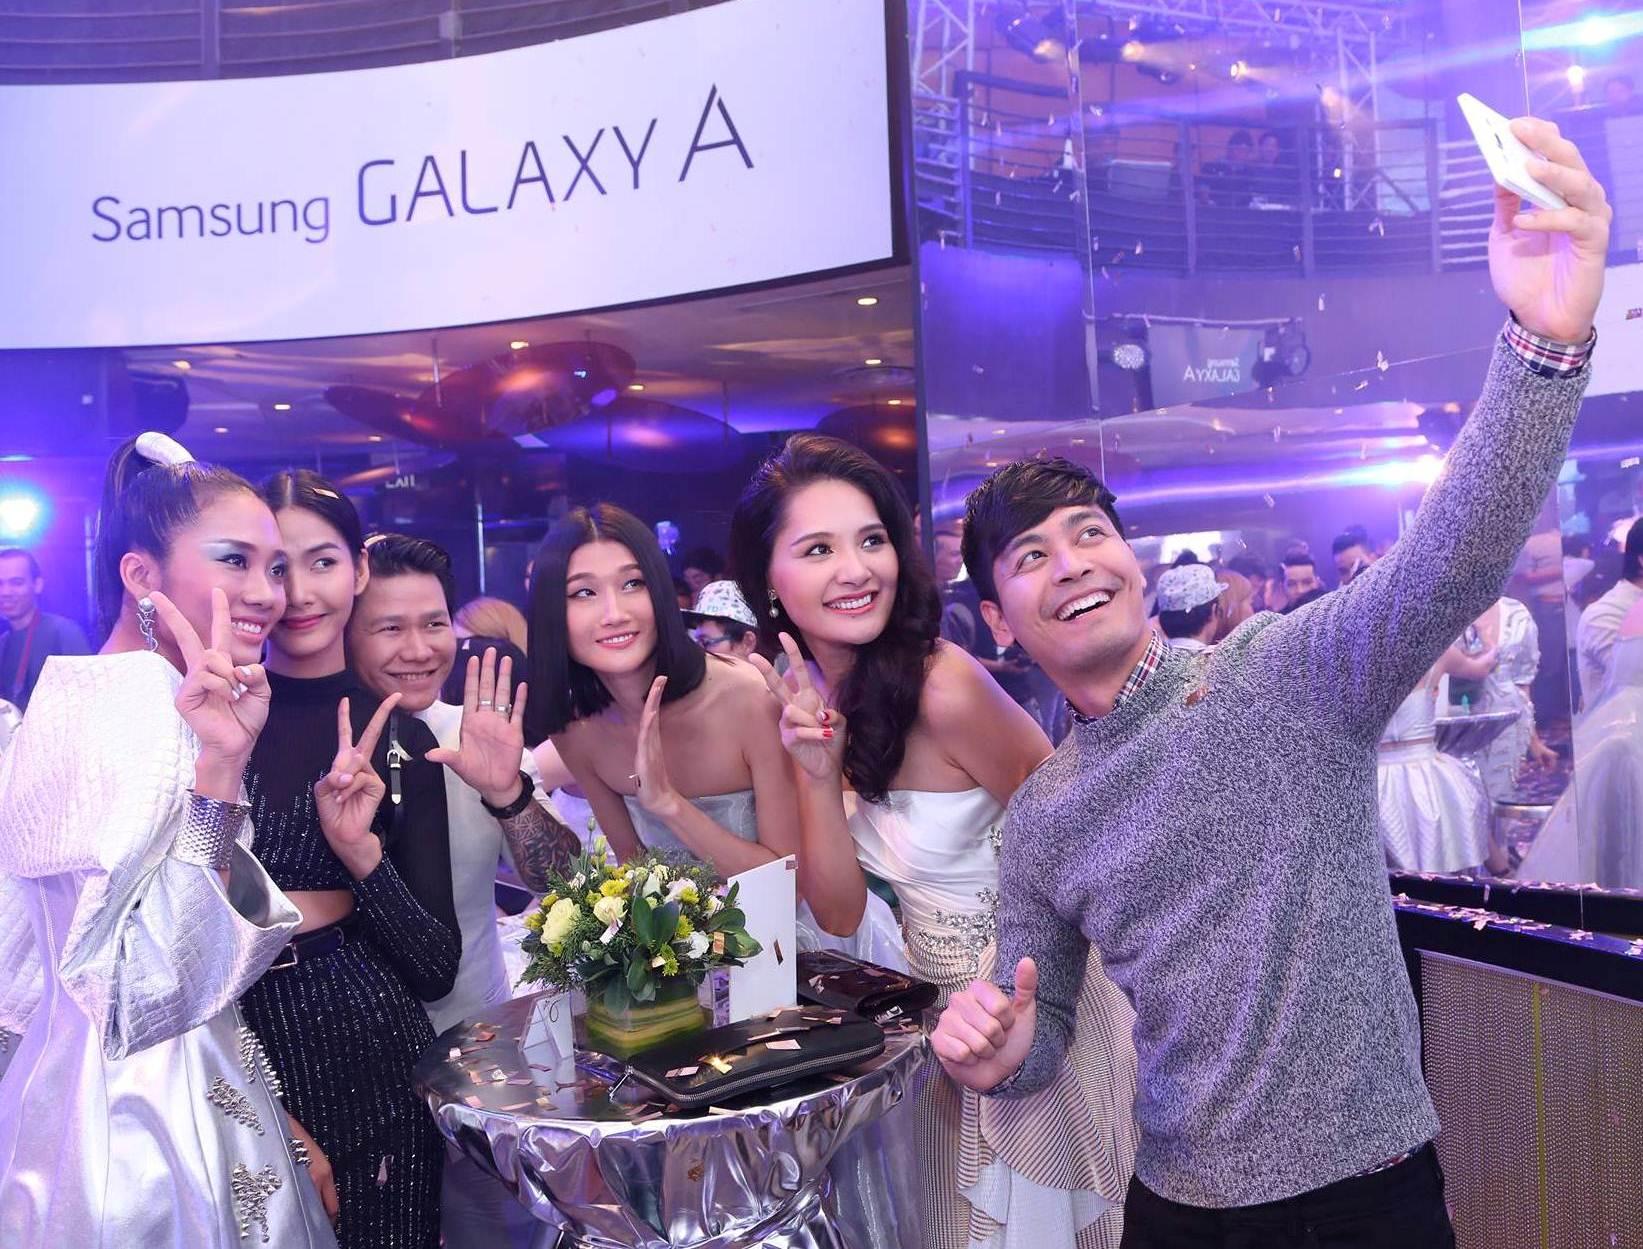 Ra mắt chiếc smartphone sang trọng và mỏng nhất của Samsung Galaxy A 5 2